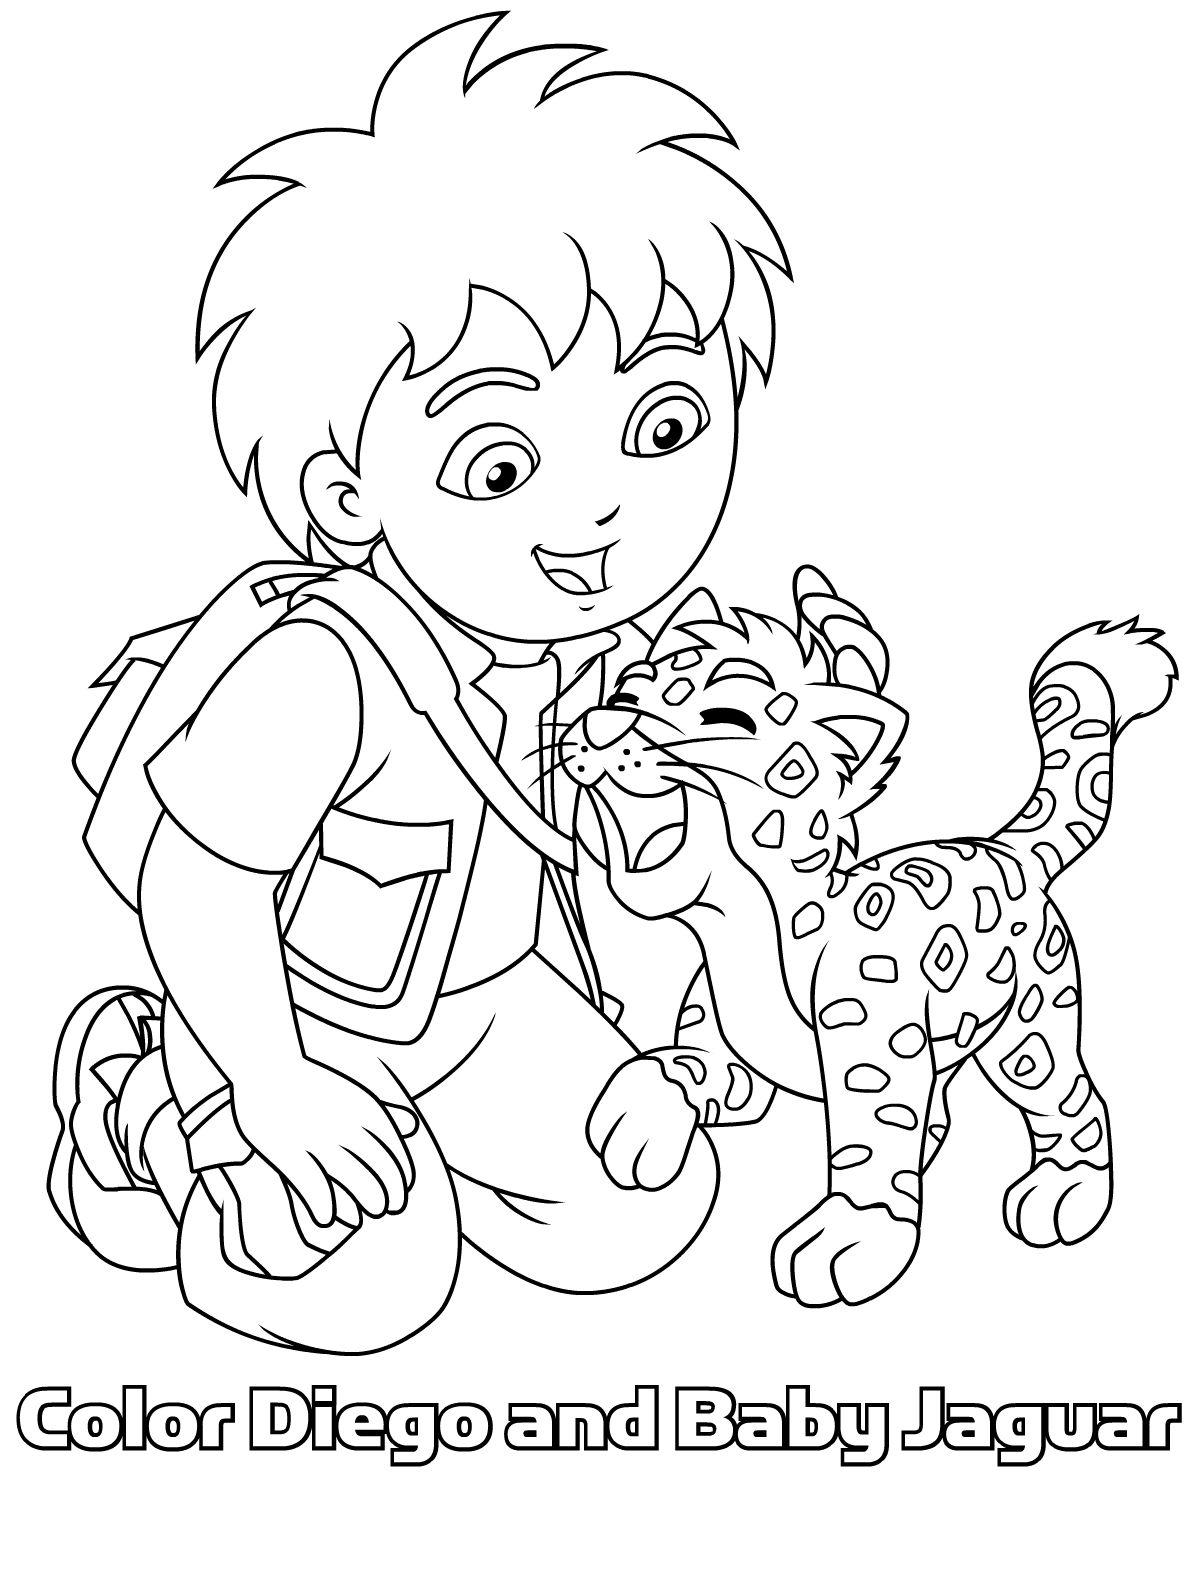 Go En Baby Jaguar Samen Op 1 Kleurplaat Clip Art